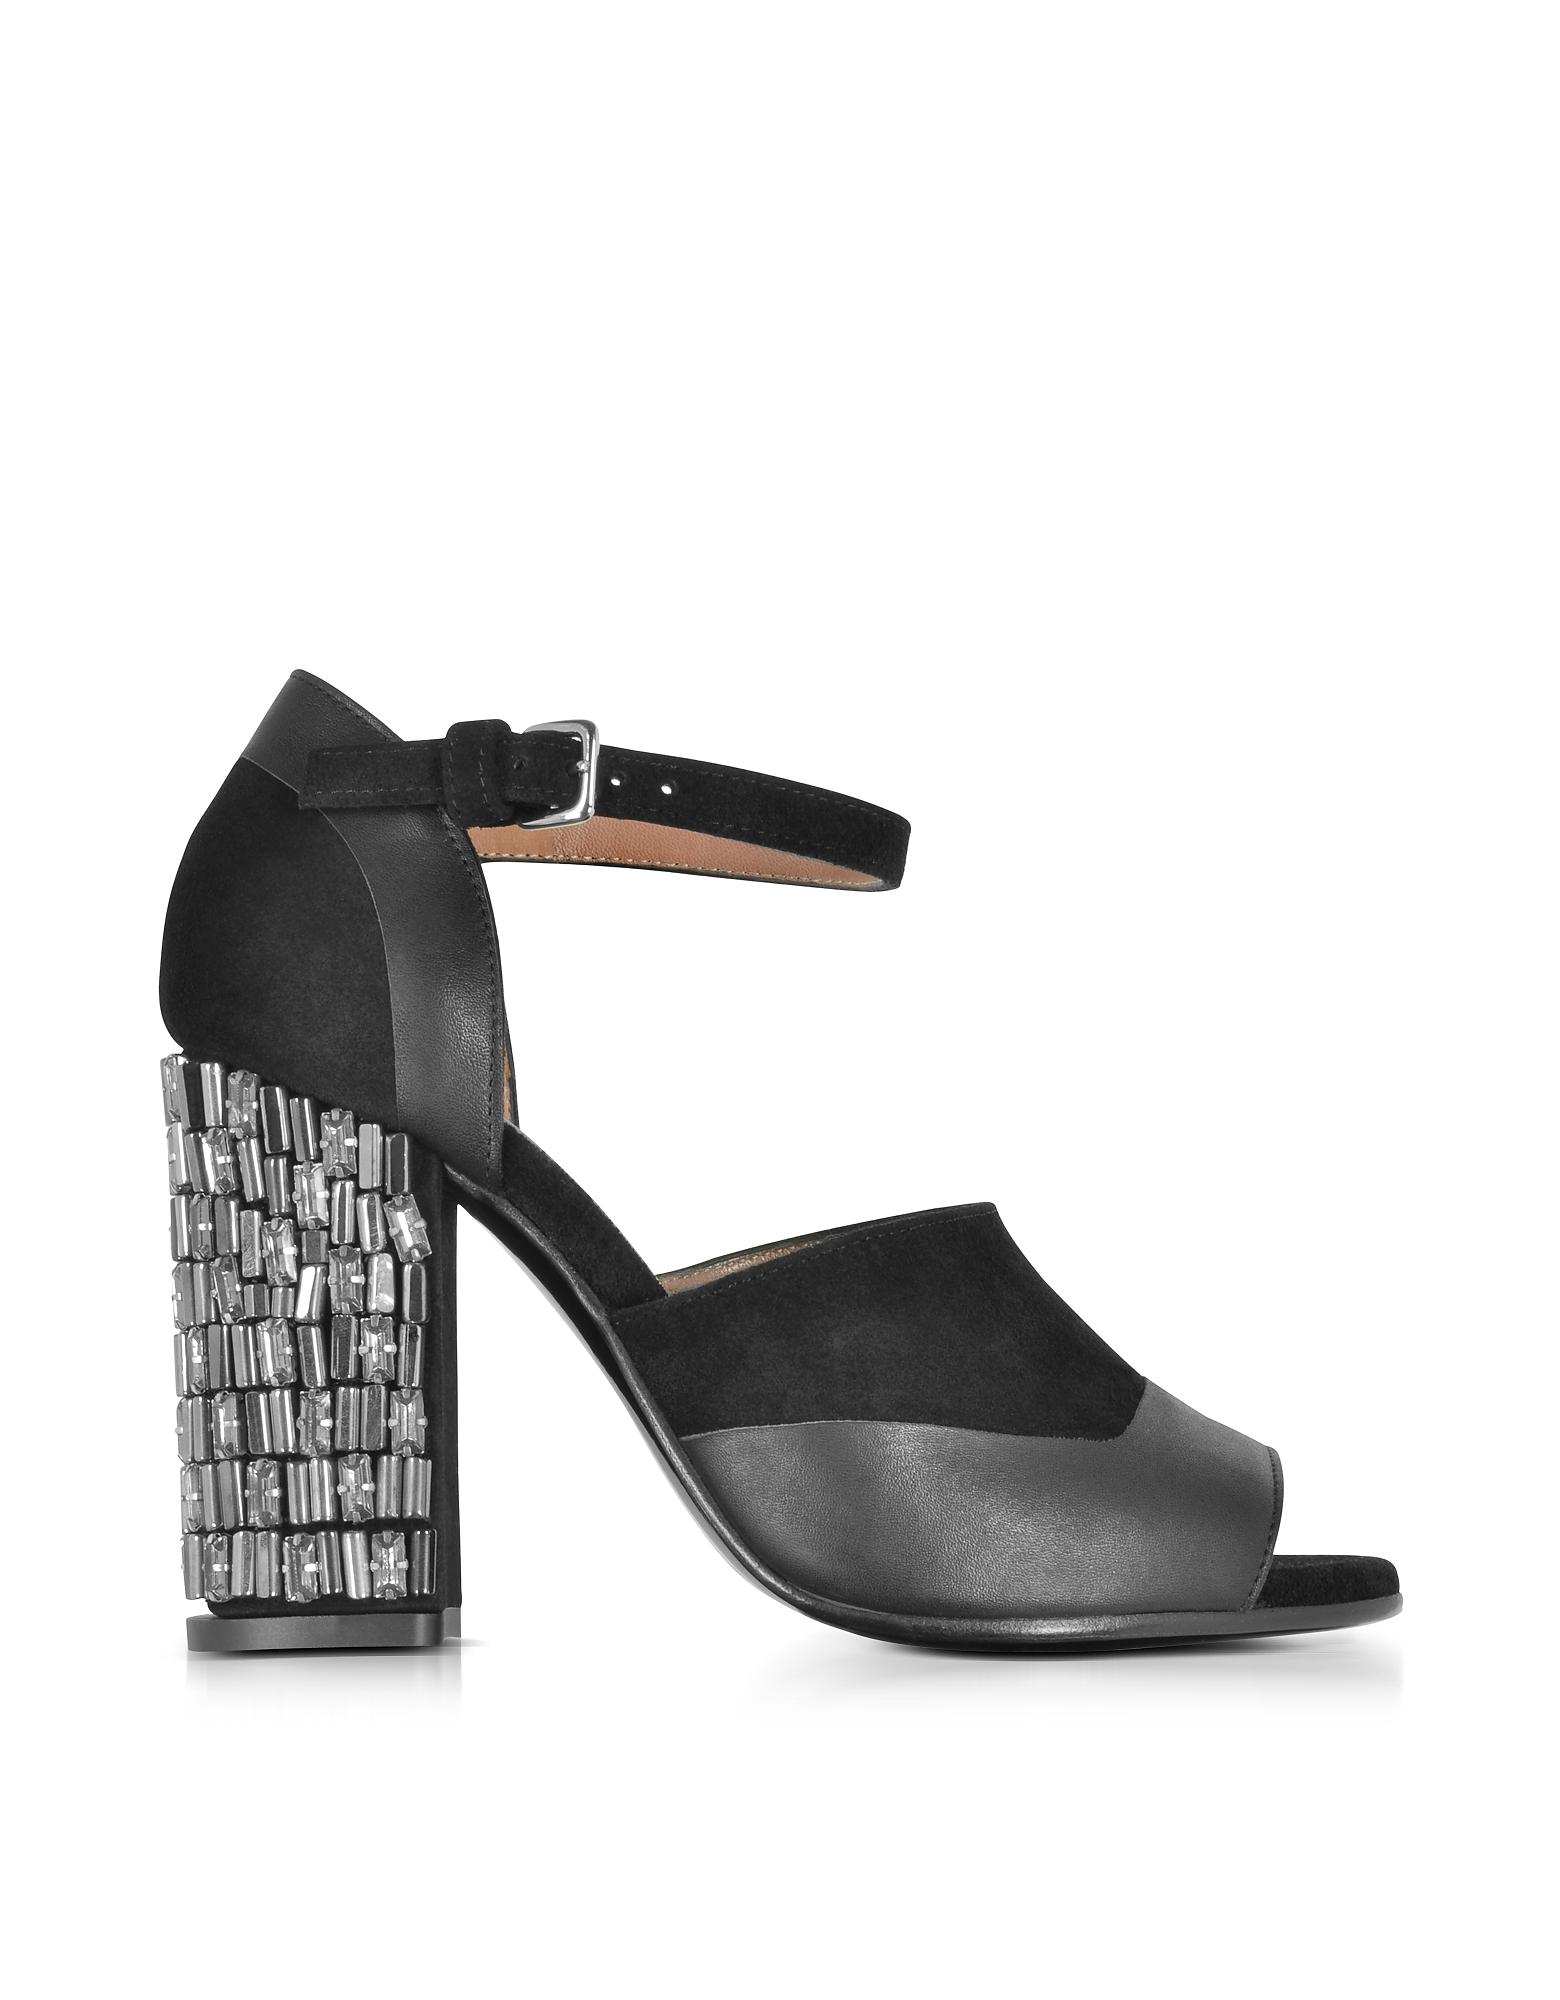 Marni Designer Shoes, Black Velvet and Leather Heel Sandal w/Crystals